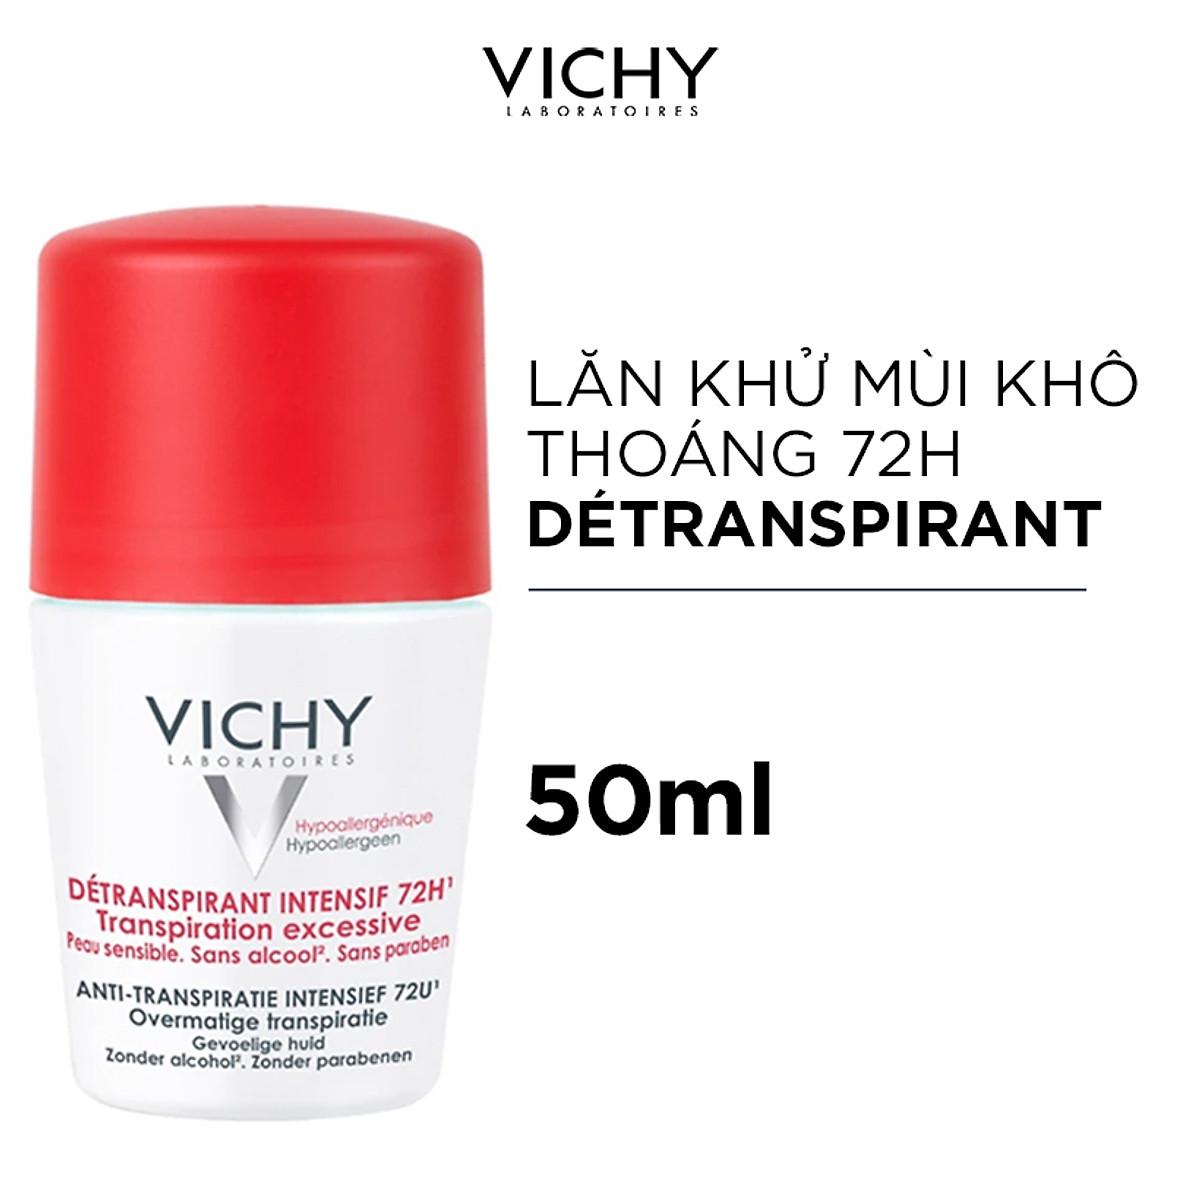 Lăn Khử Mùi Giúp Khô Thoáng Vùng Da Dưới Cánh Tay VICHY Detransprirant Intensif 72h Transpiration Excessive (50ml) - TẶNG MÓC KHÓA